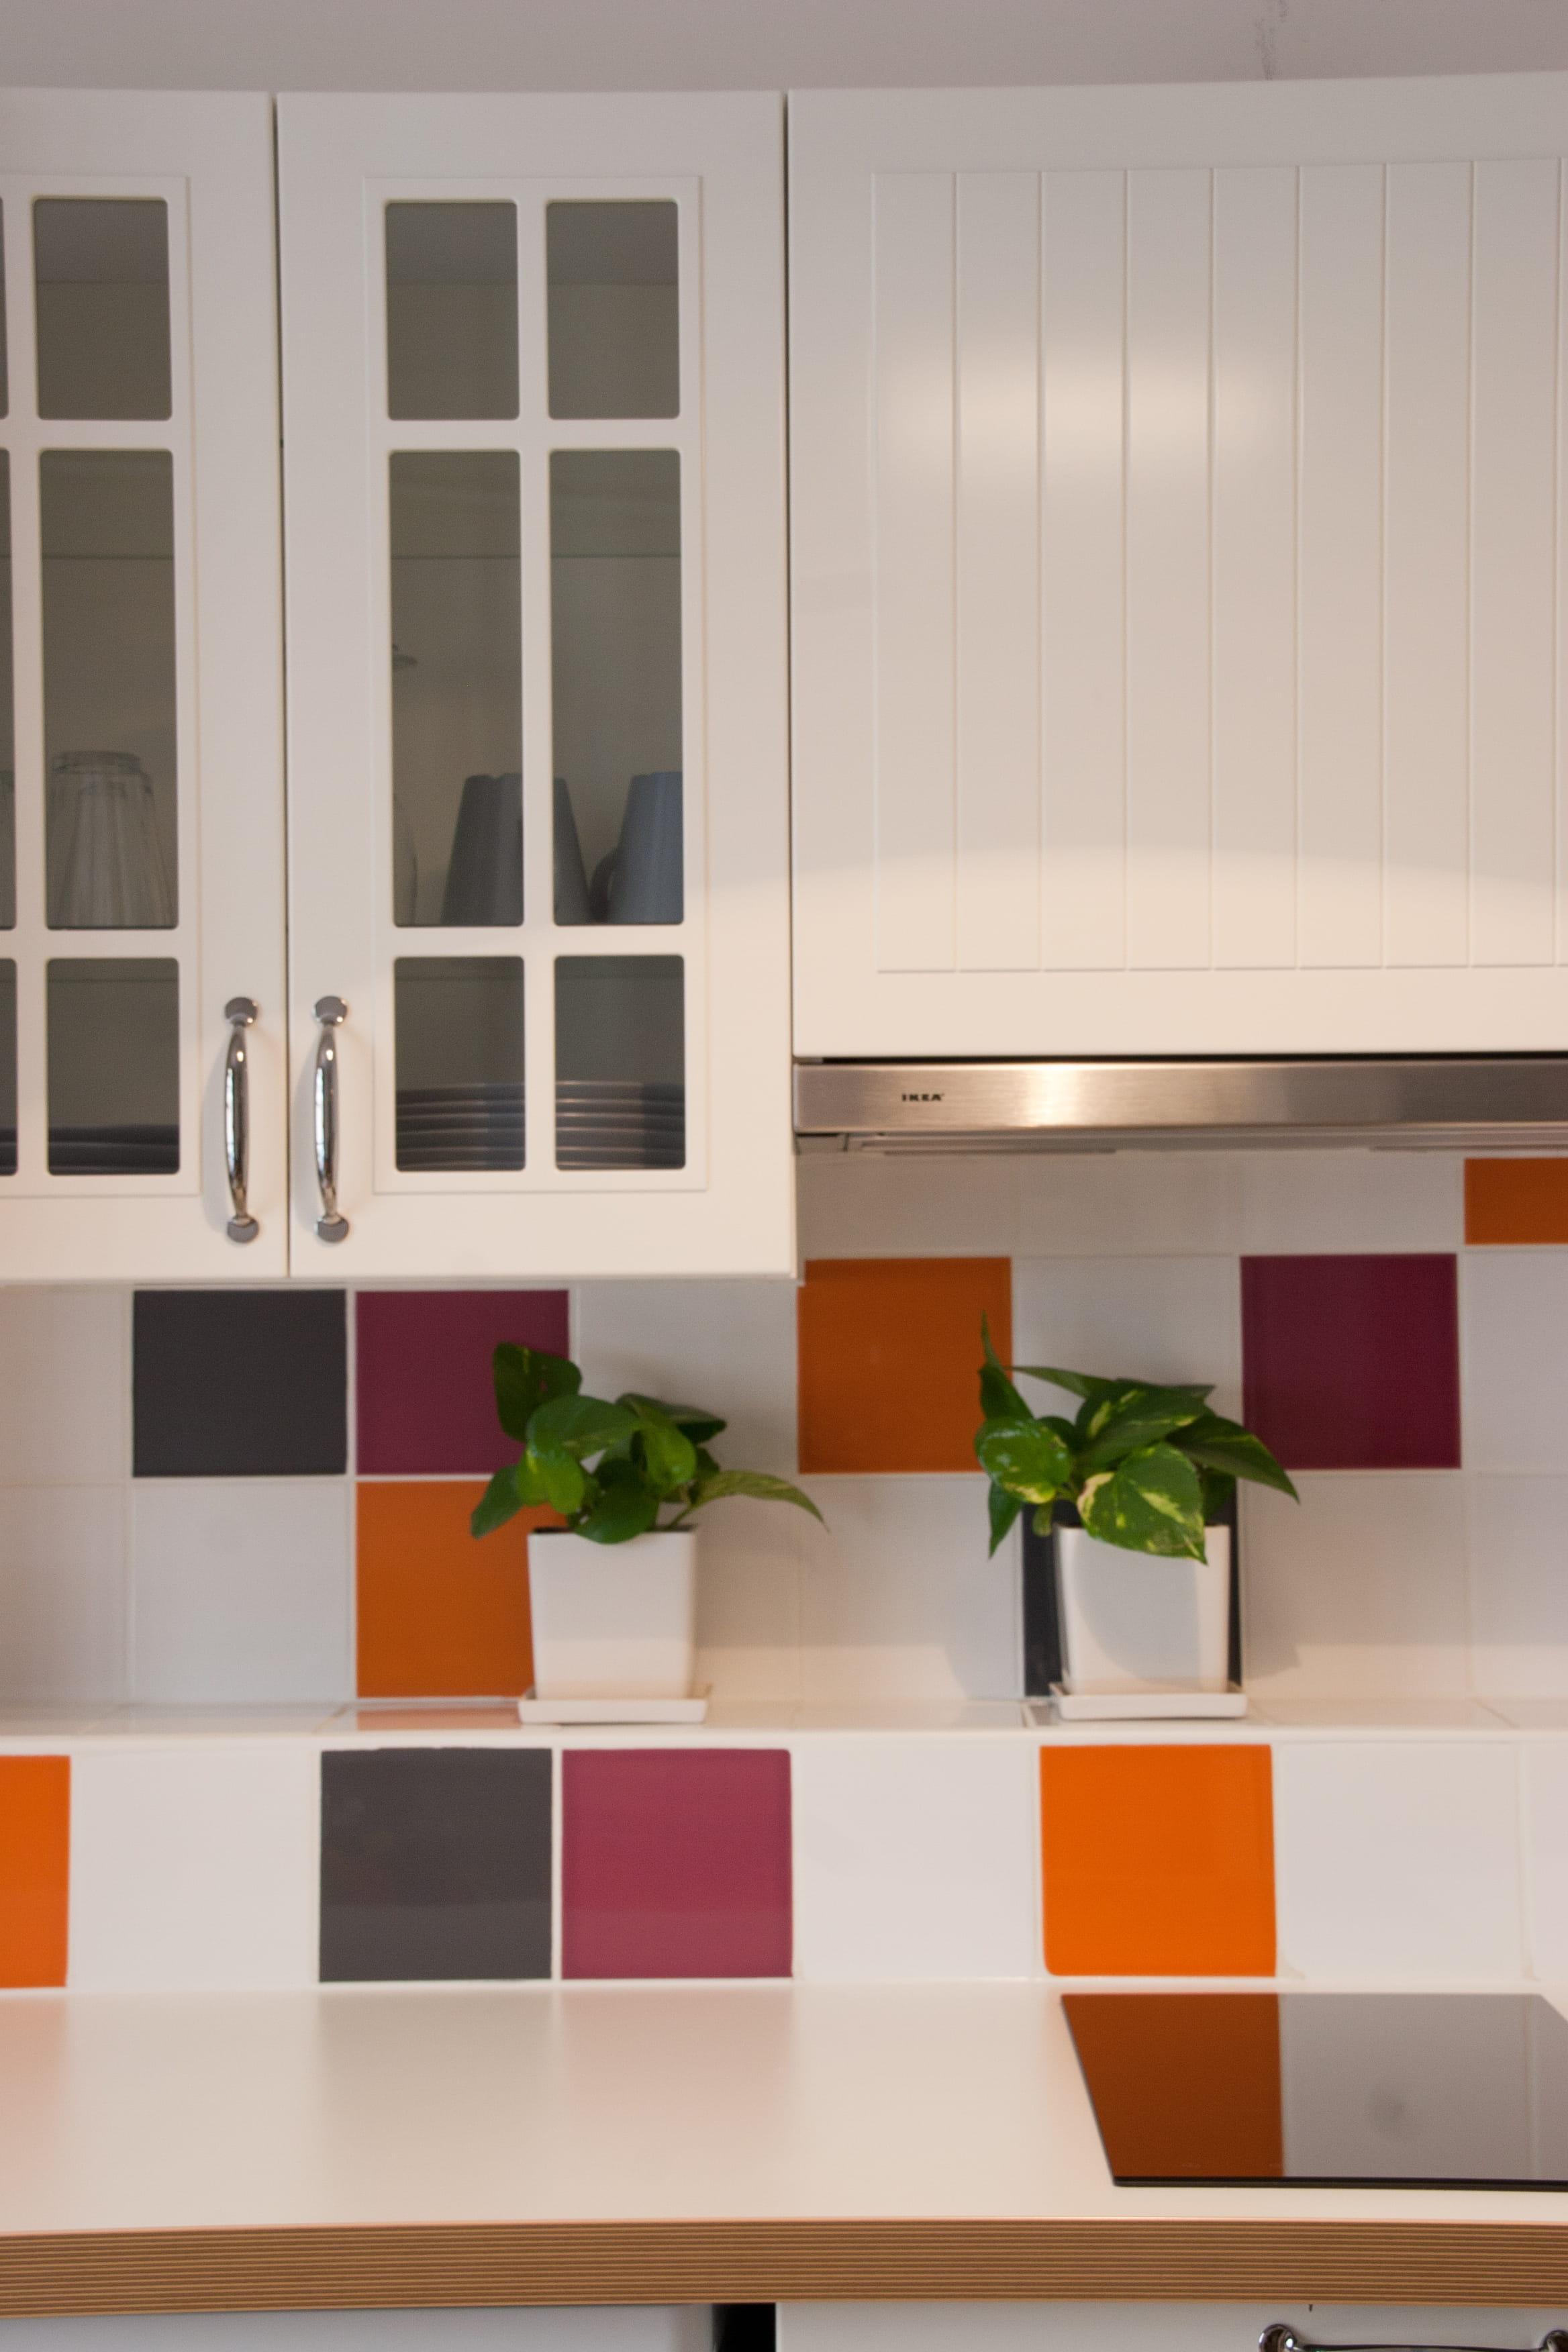 Cacher Trou Carrelage Salle De Bain 11 idées pas chères pour relooker sa cuisine